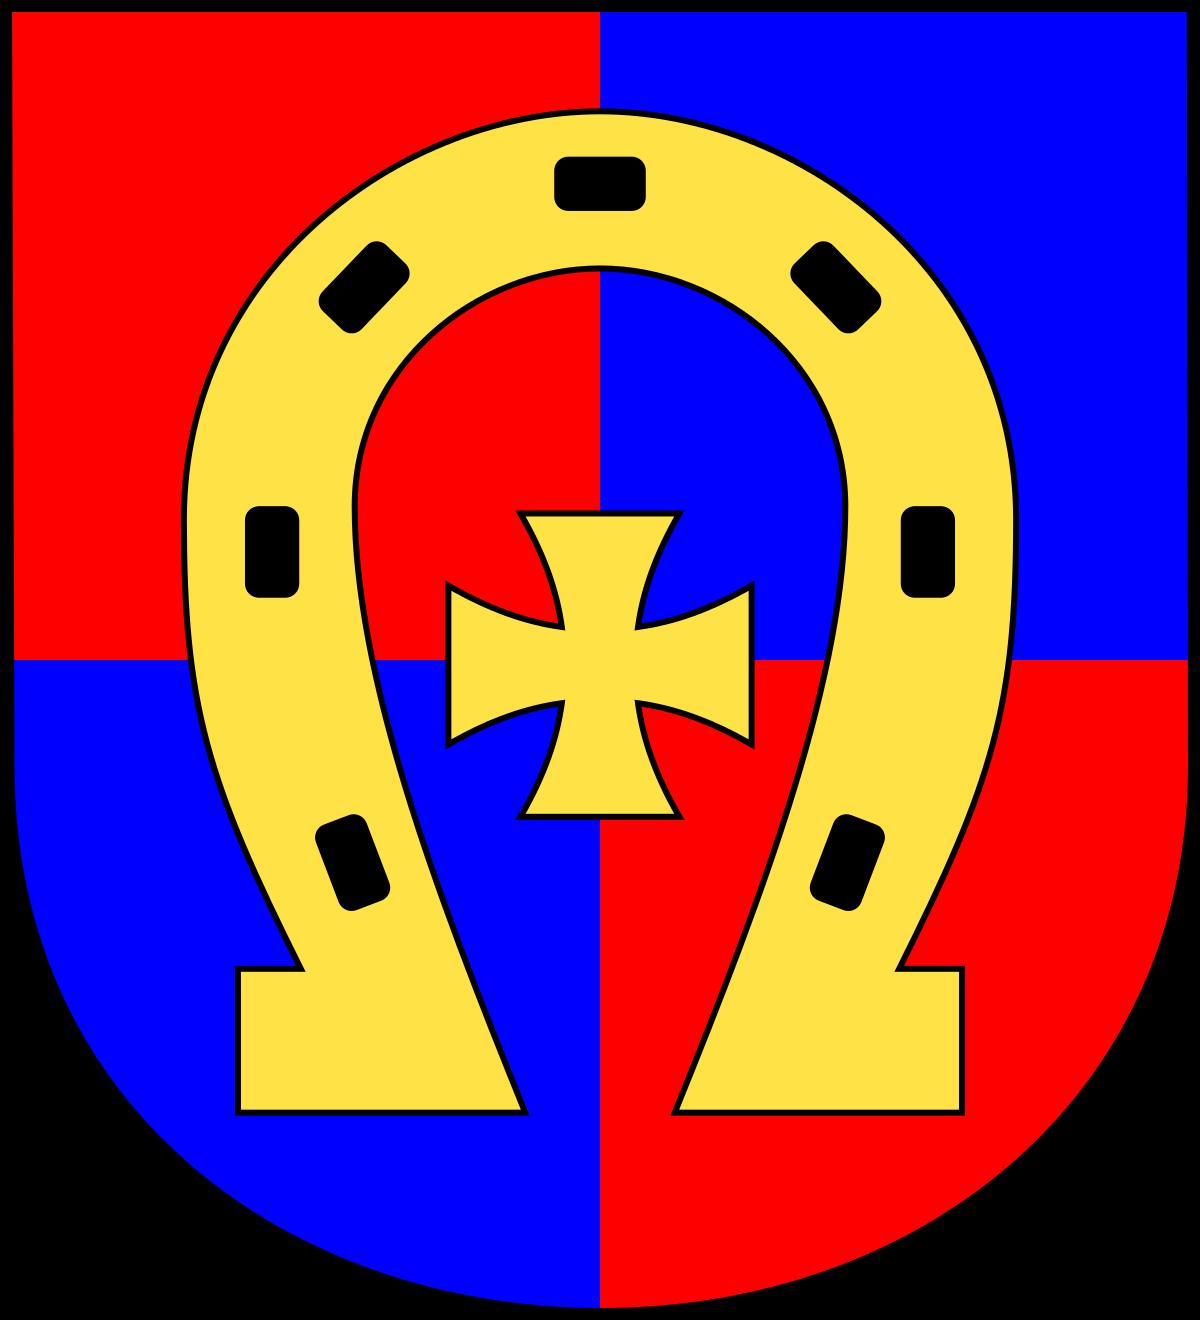 Urząd Gminy w Osjakowie